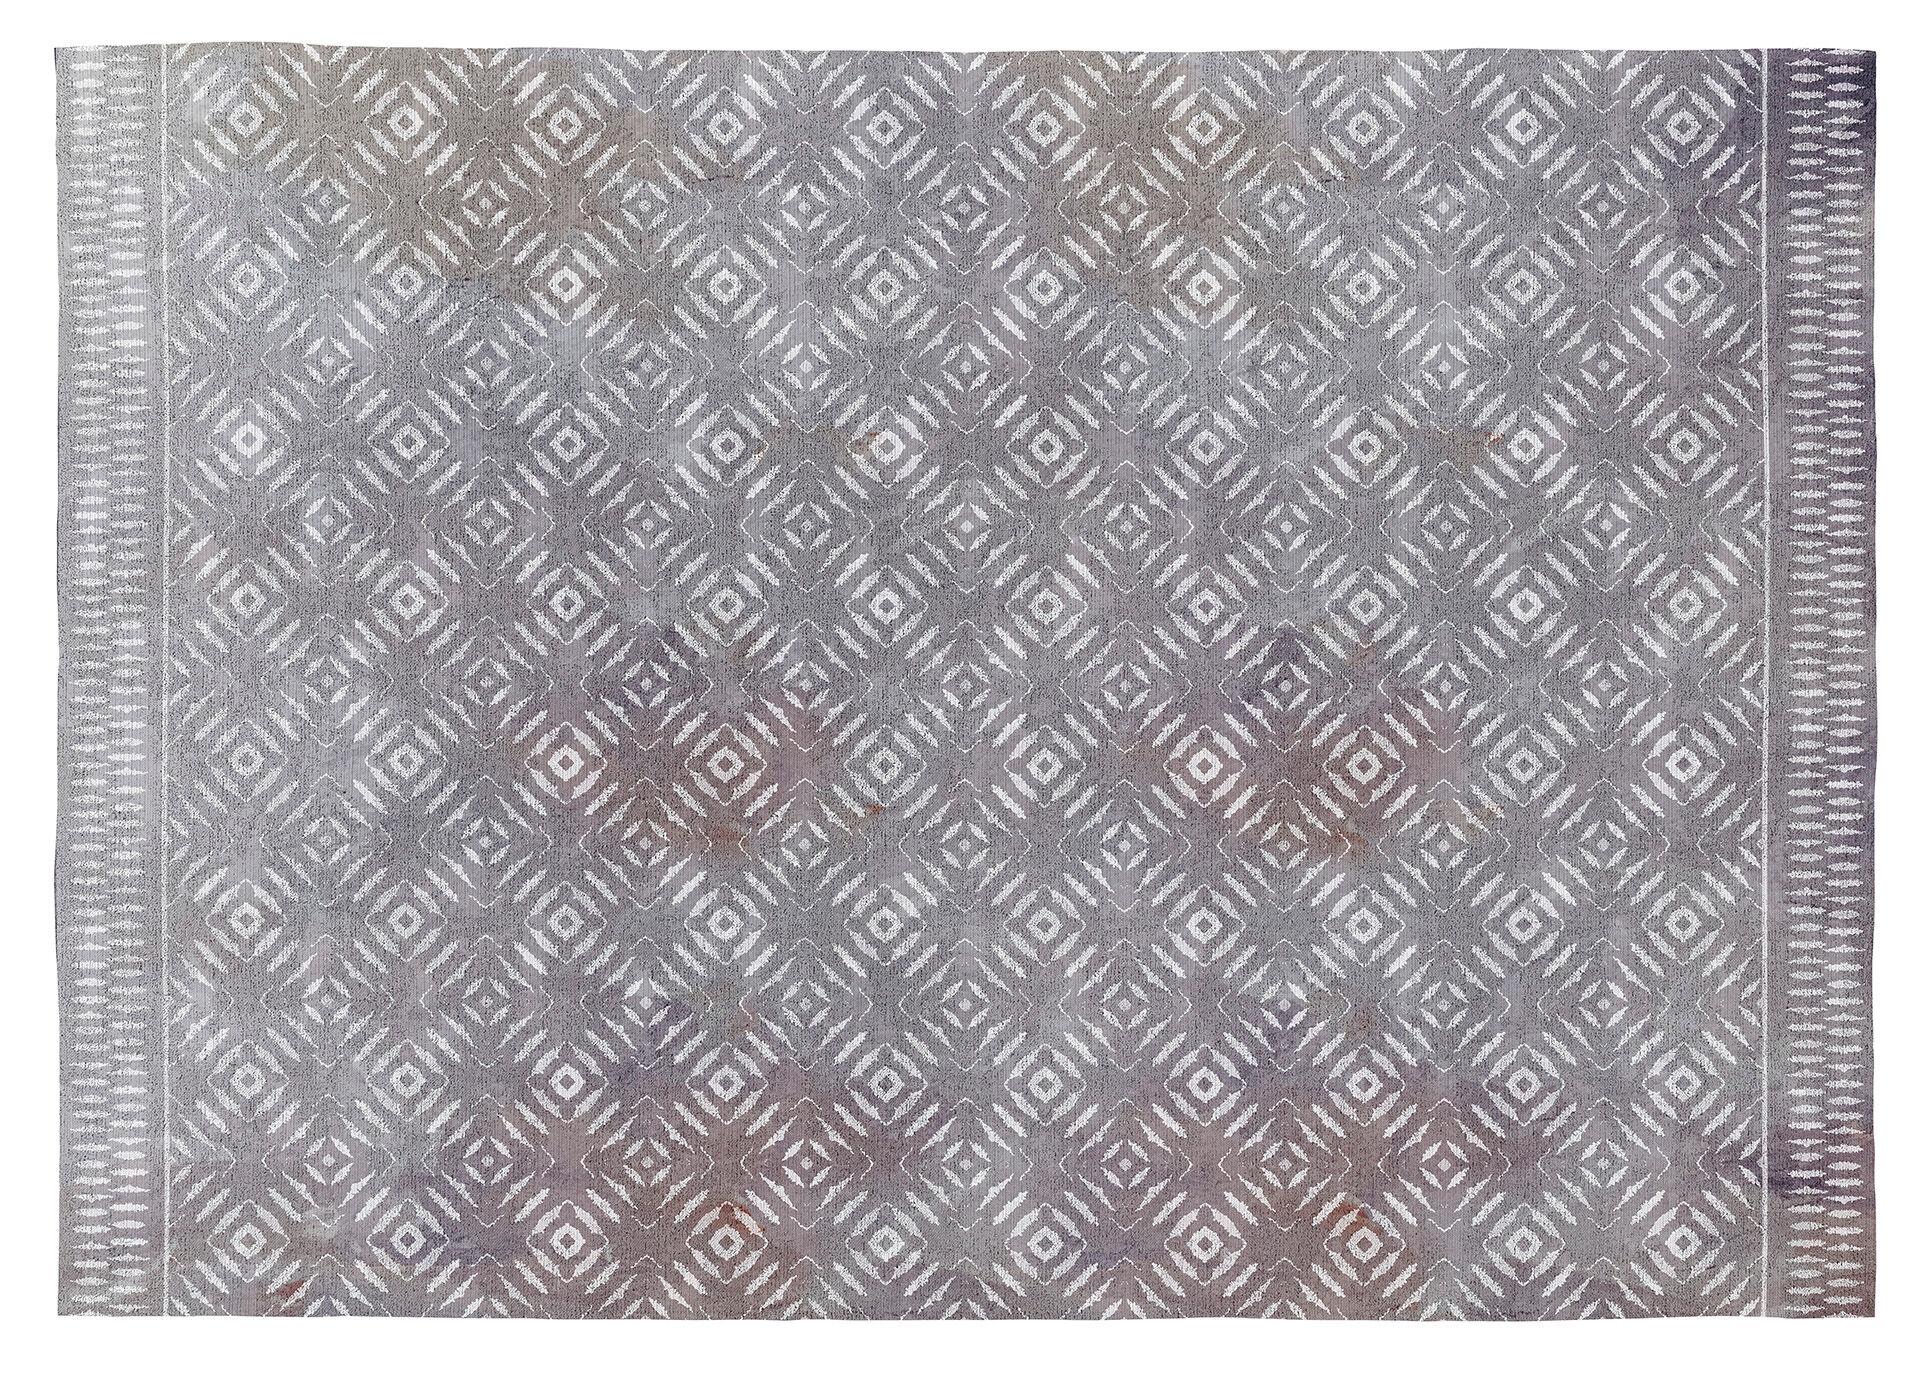 Rugs&Rugs Tapis décoratif en coton en impression numérique 120x170